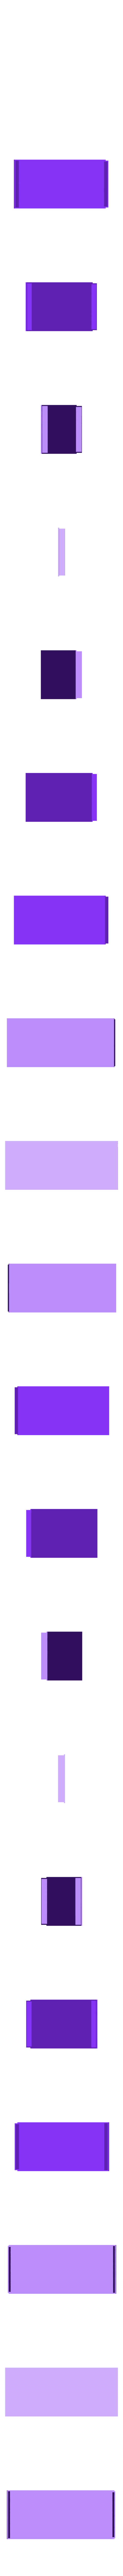 kapak.STL Télécharger fichier STL gratuit Lampe 3D - illusion • Modèle imprimable en 3D, TheTNR